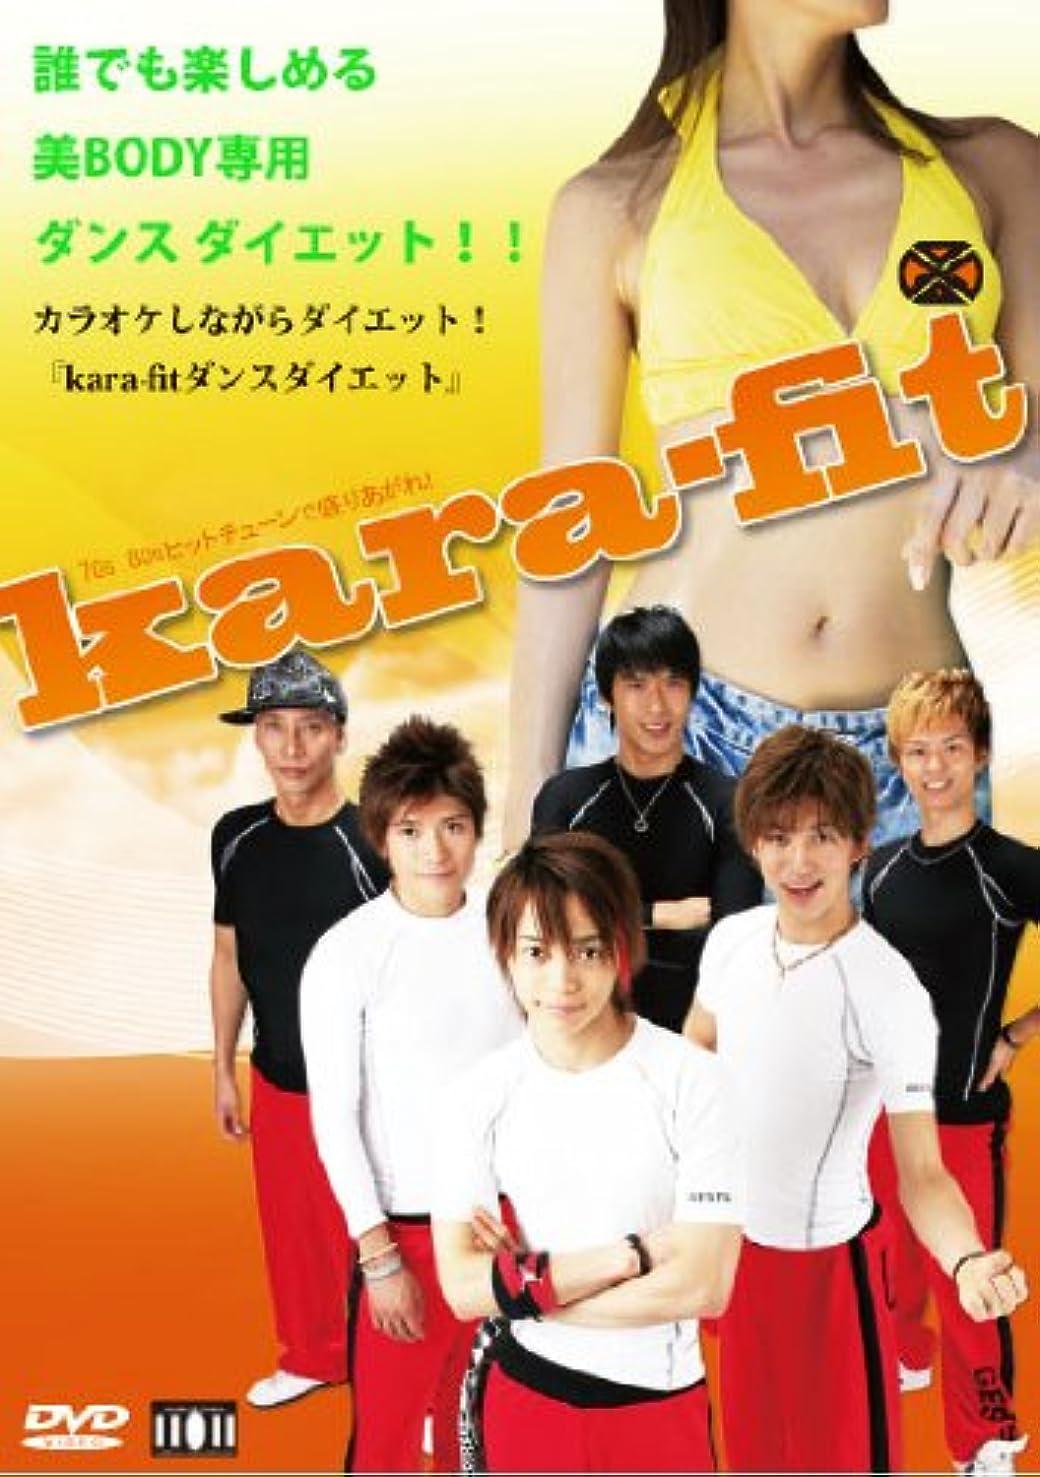 カラオケによるフィットネス!kara-fit(カラフィット)ダンスダイエット3枚組コンプリートセットDVD